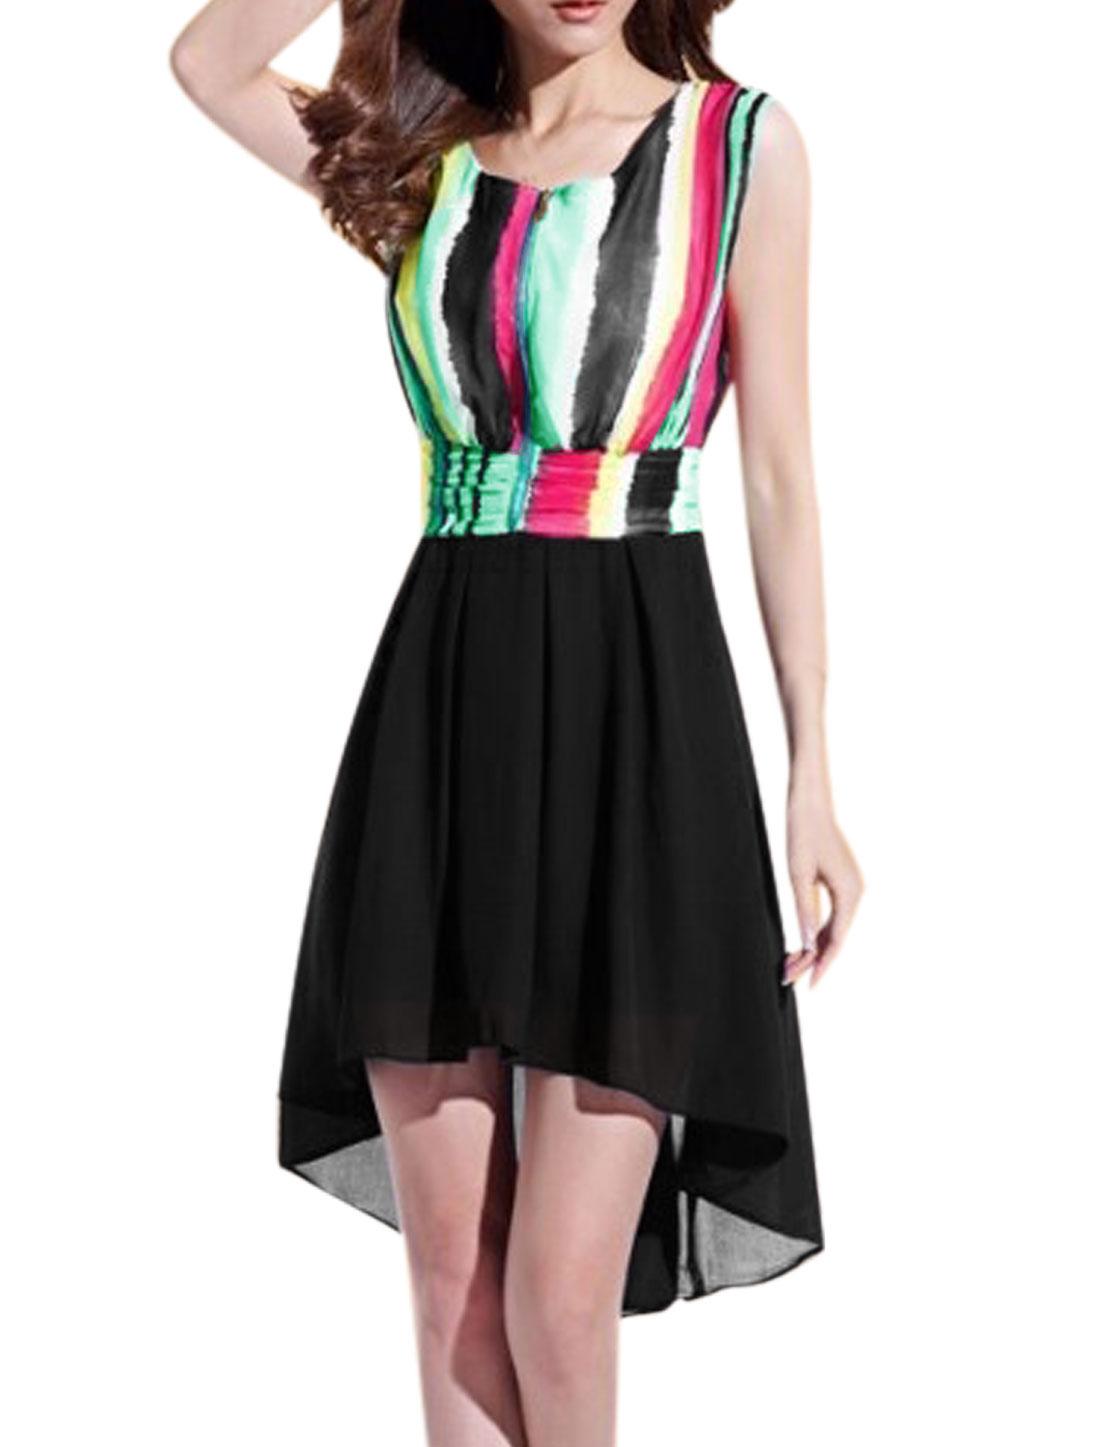 Ladies Vertical Stripes Hidden Zipper Low High Hem Blouson Dress Green Black M